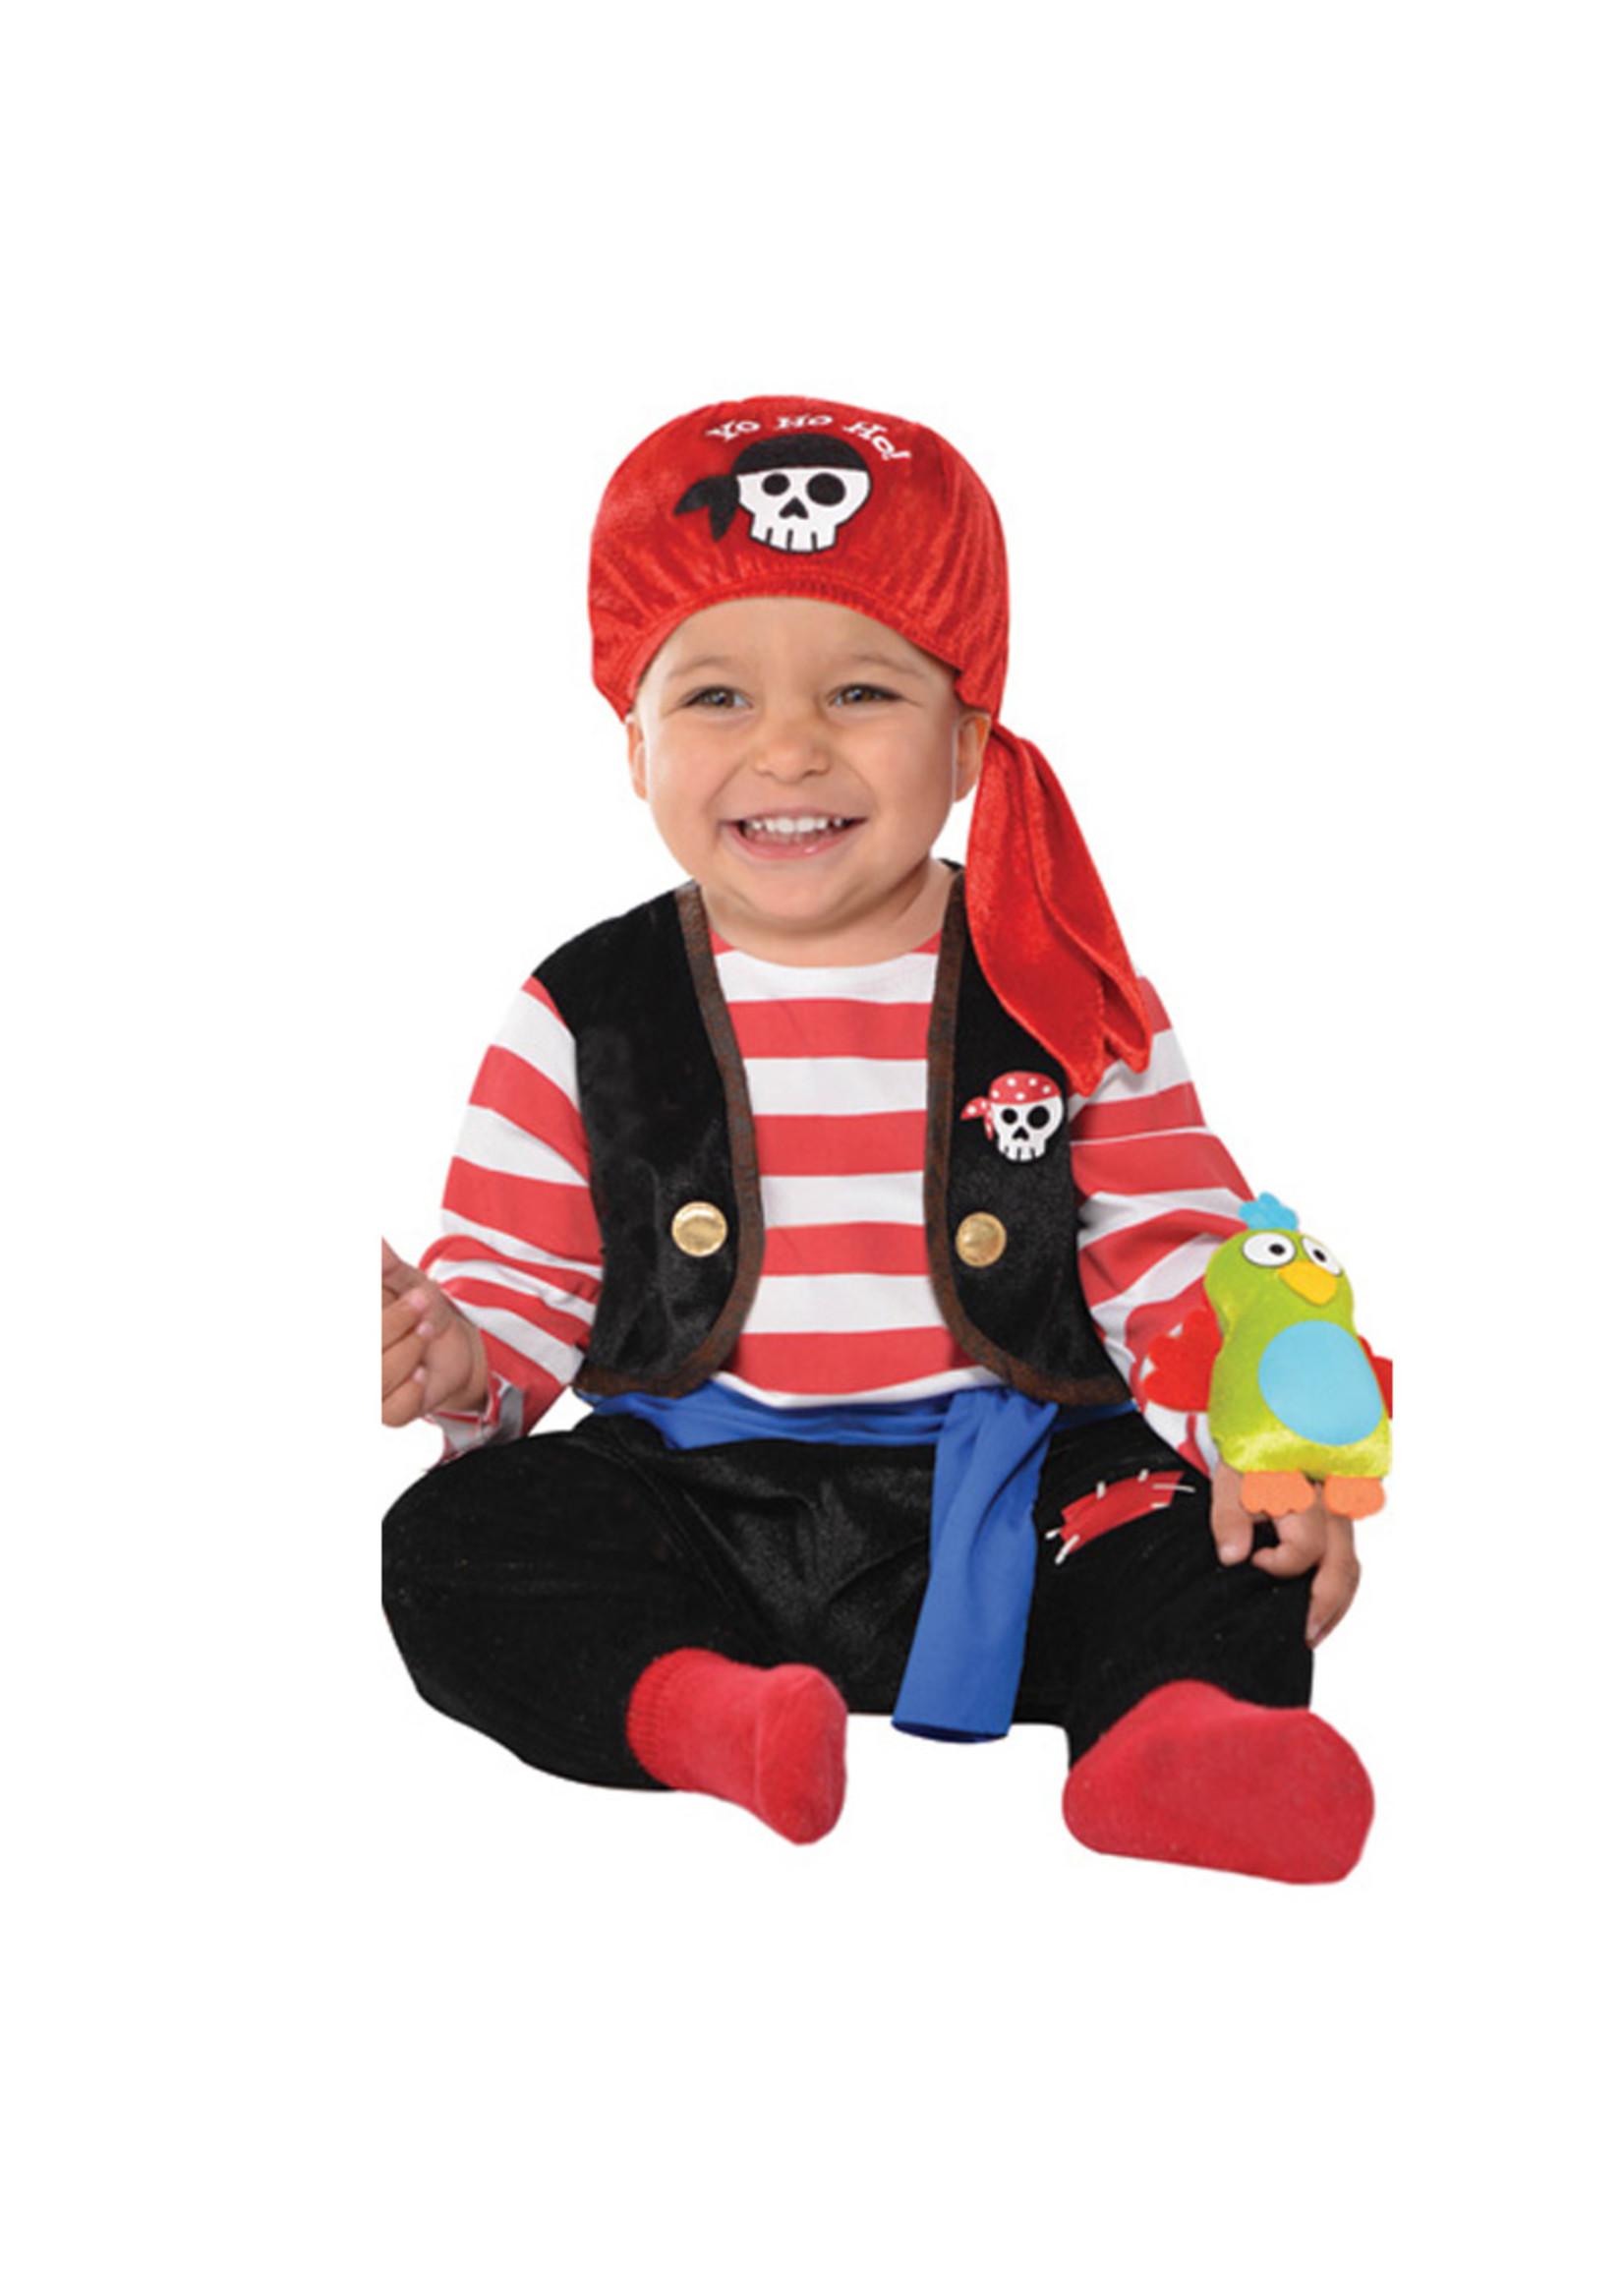 Baby Buccaneer Costume - Infant